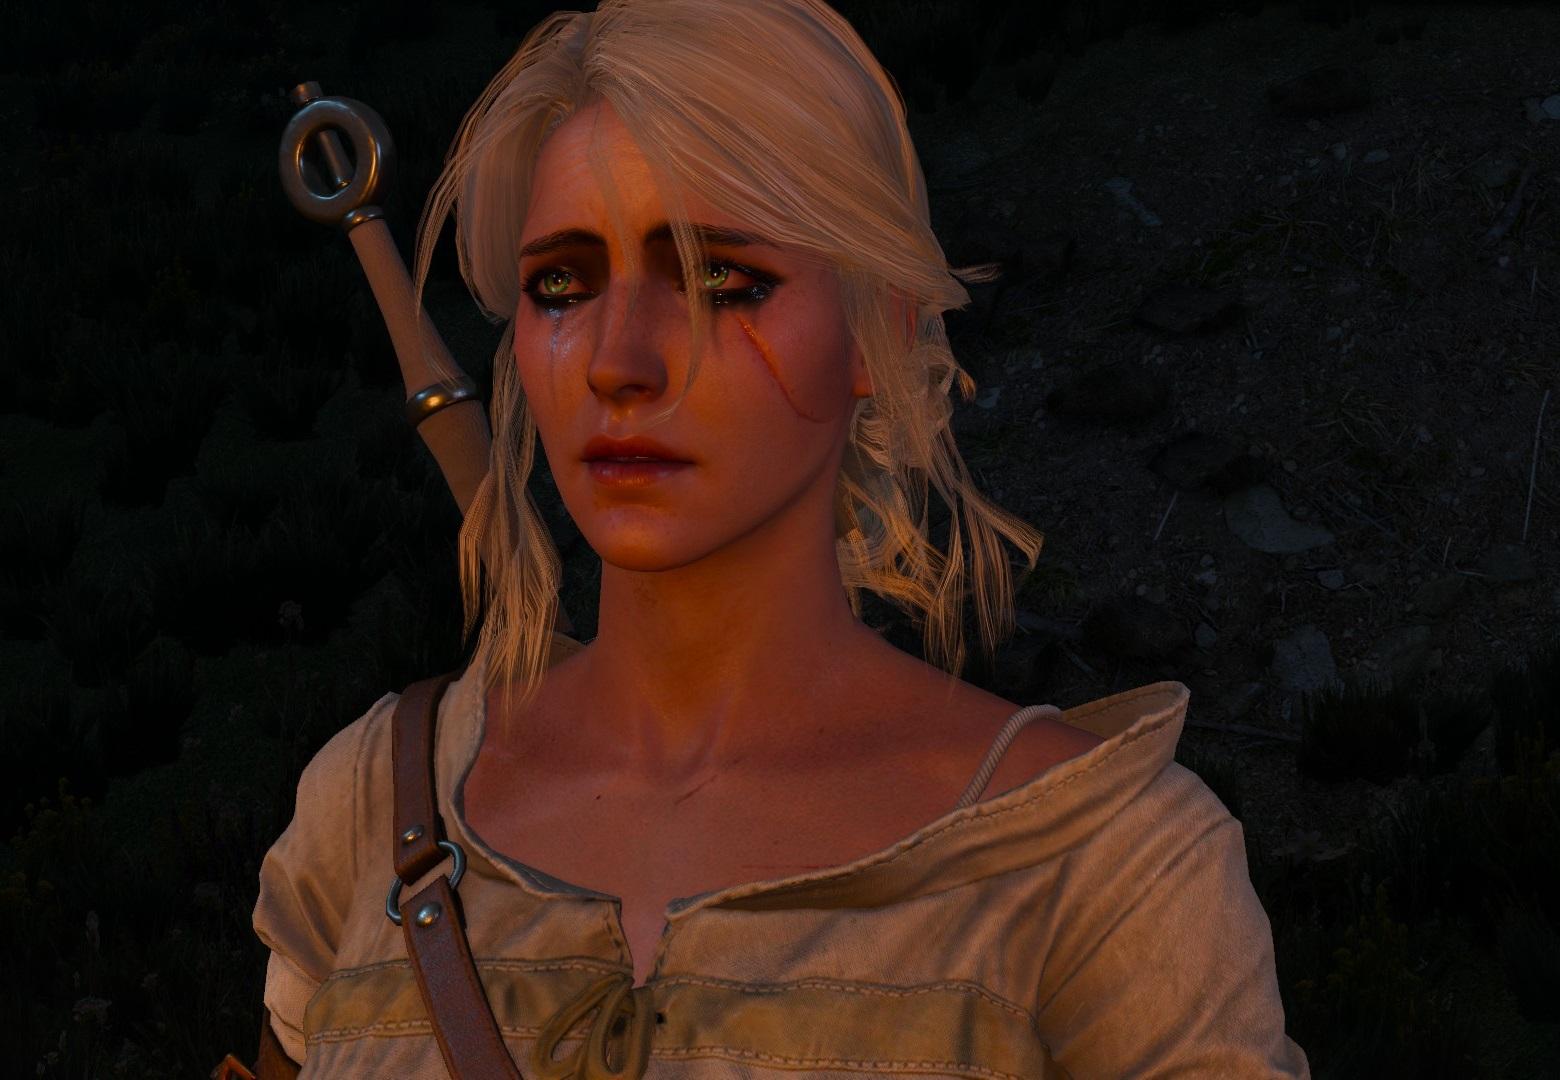 Cir - Witcher 3: Wild Hunt, the